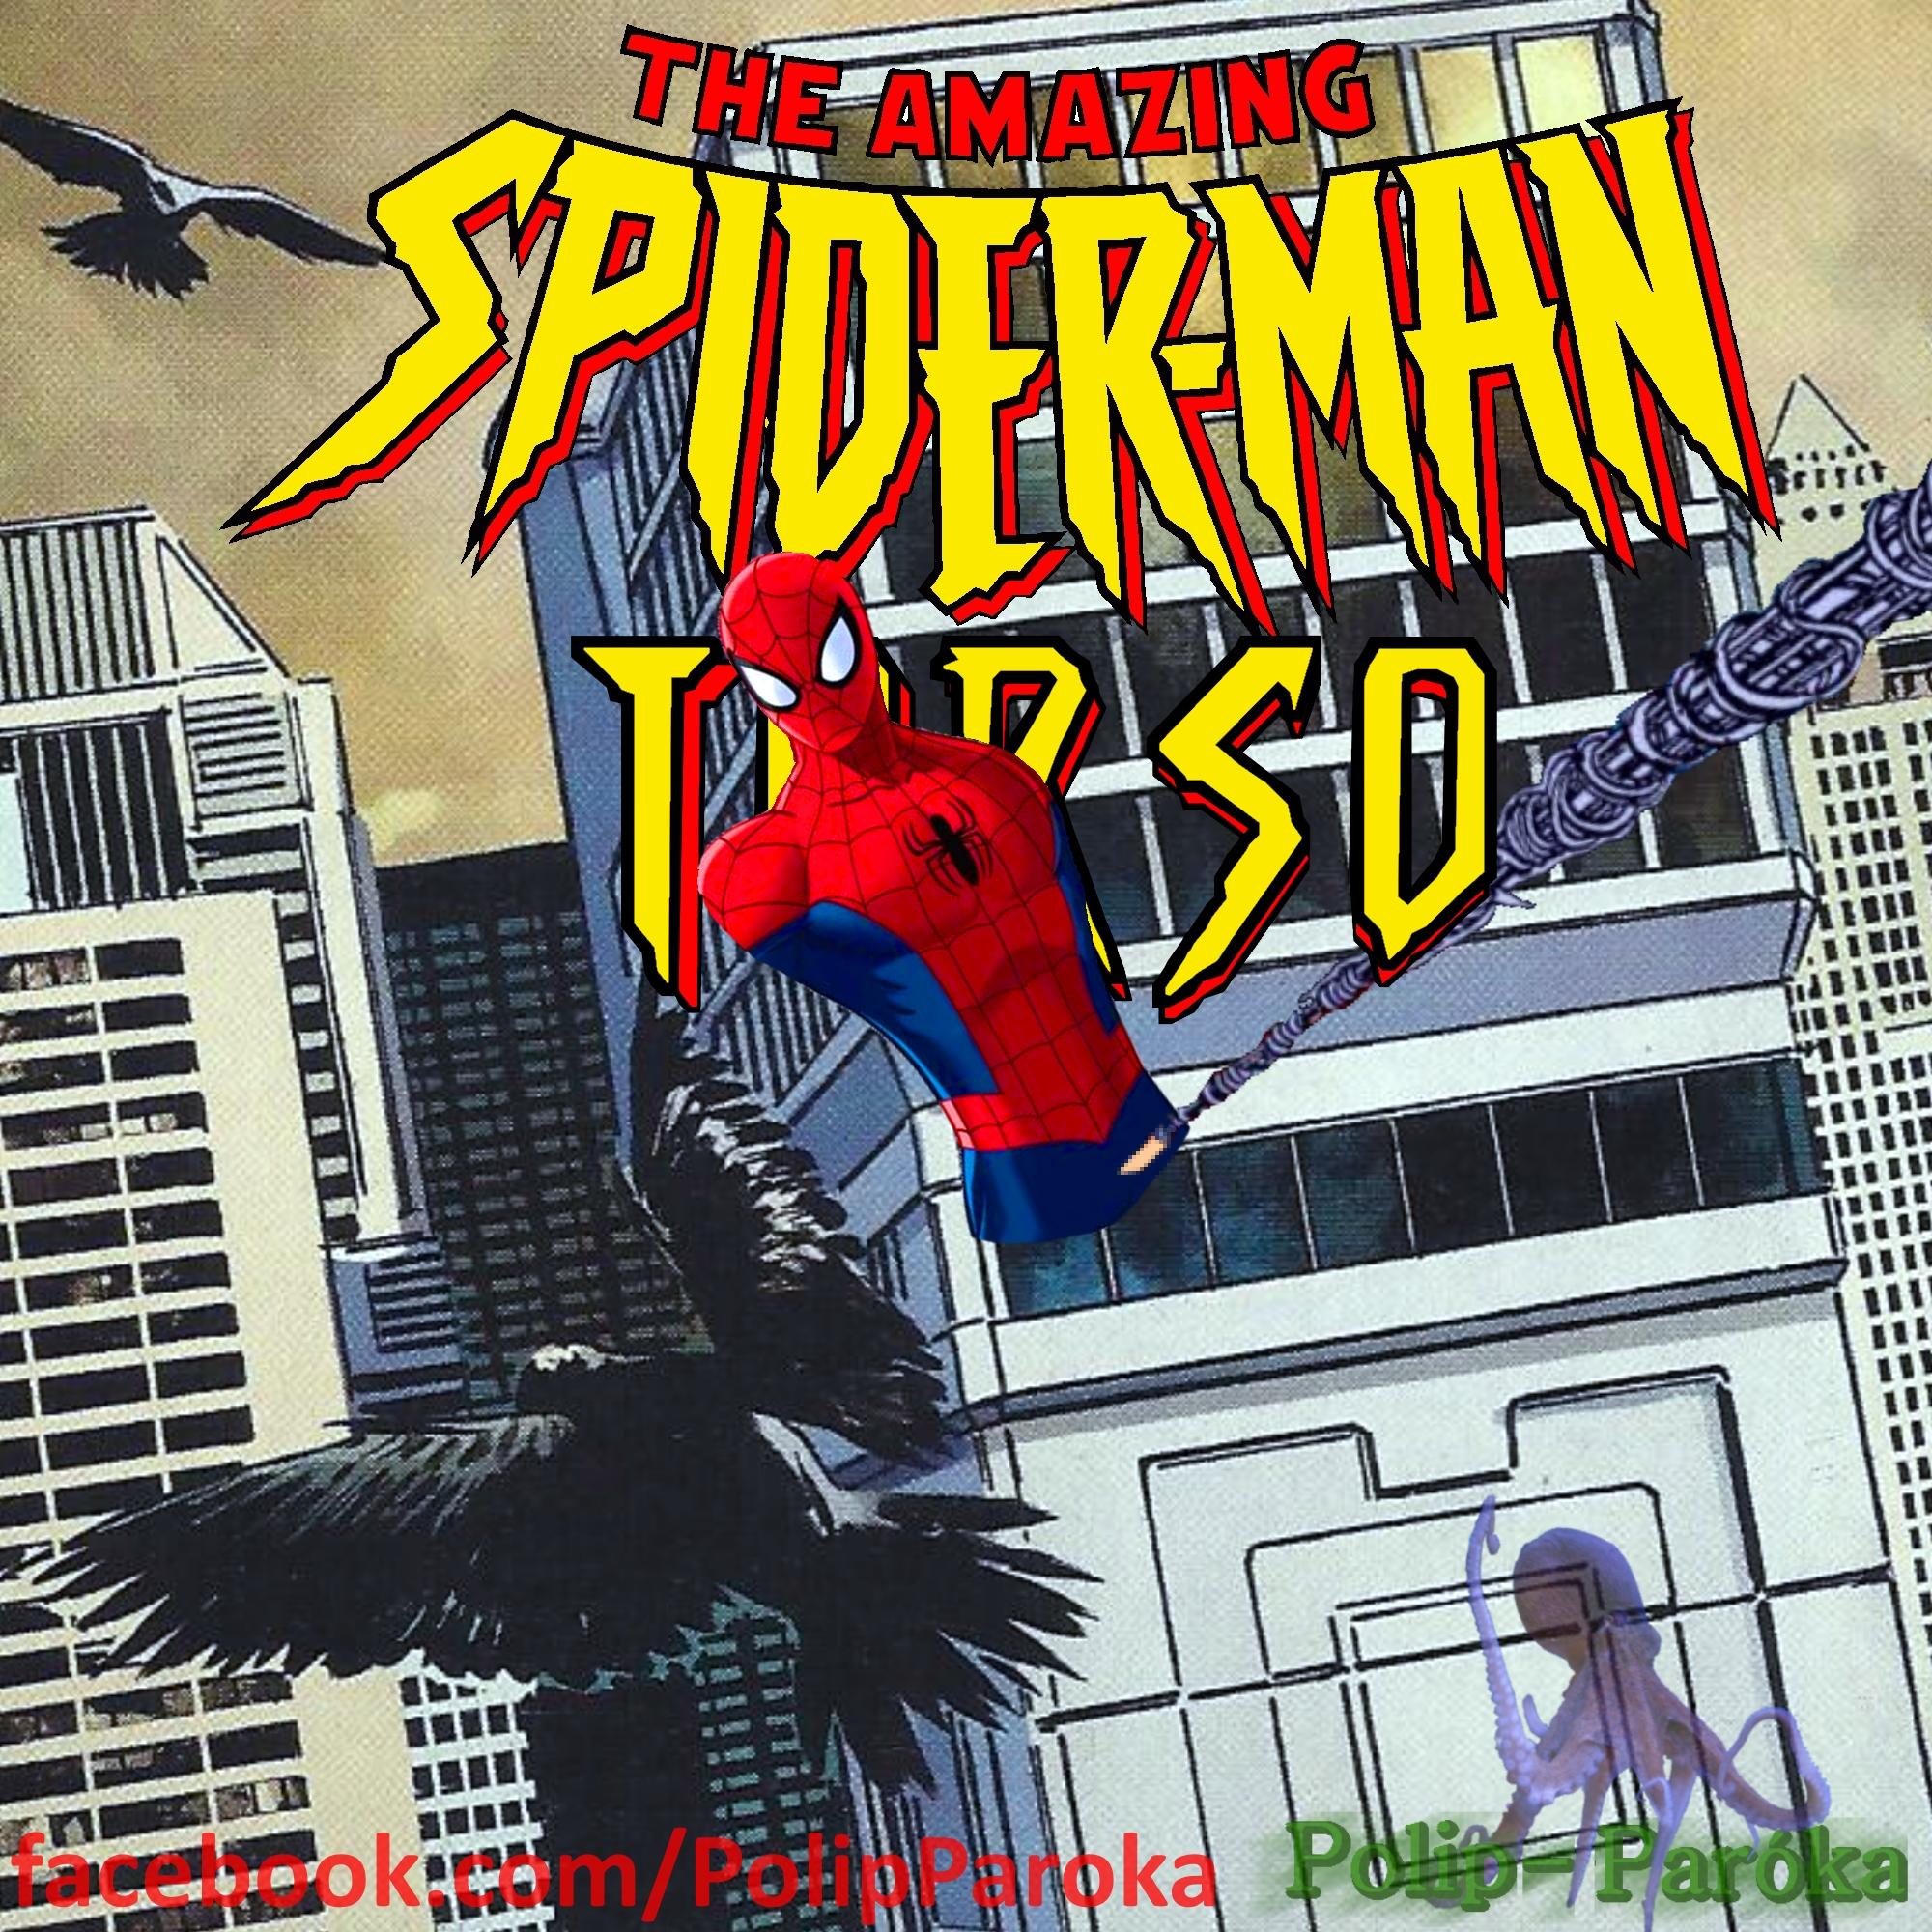 spidertorso.jpg